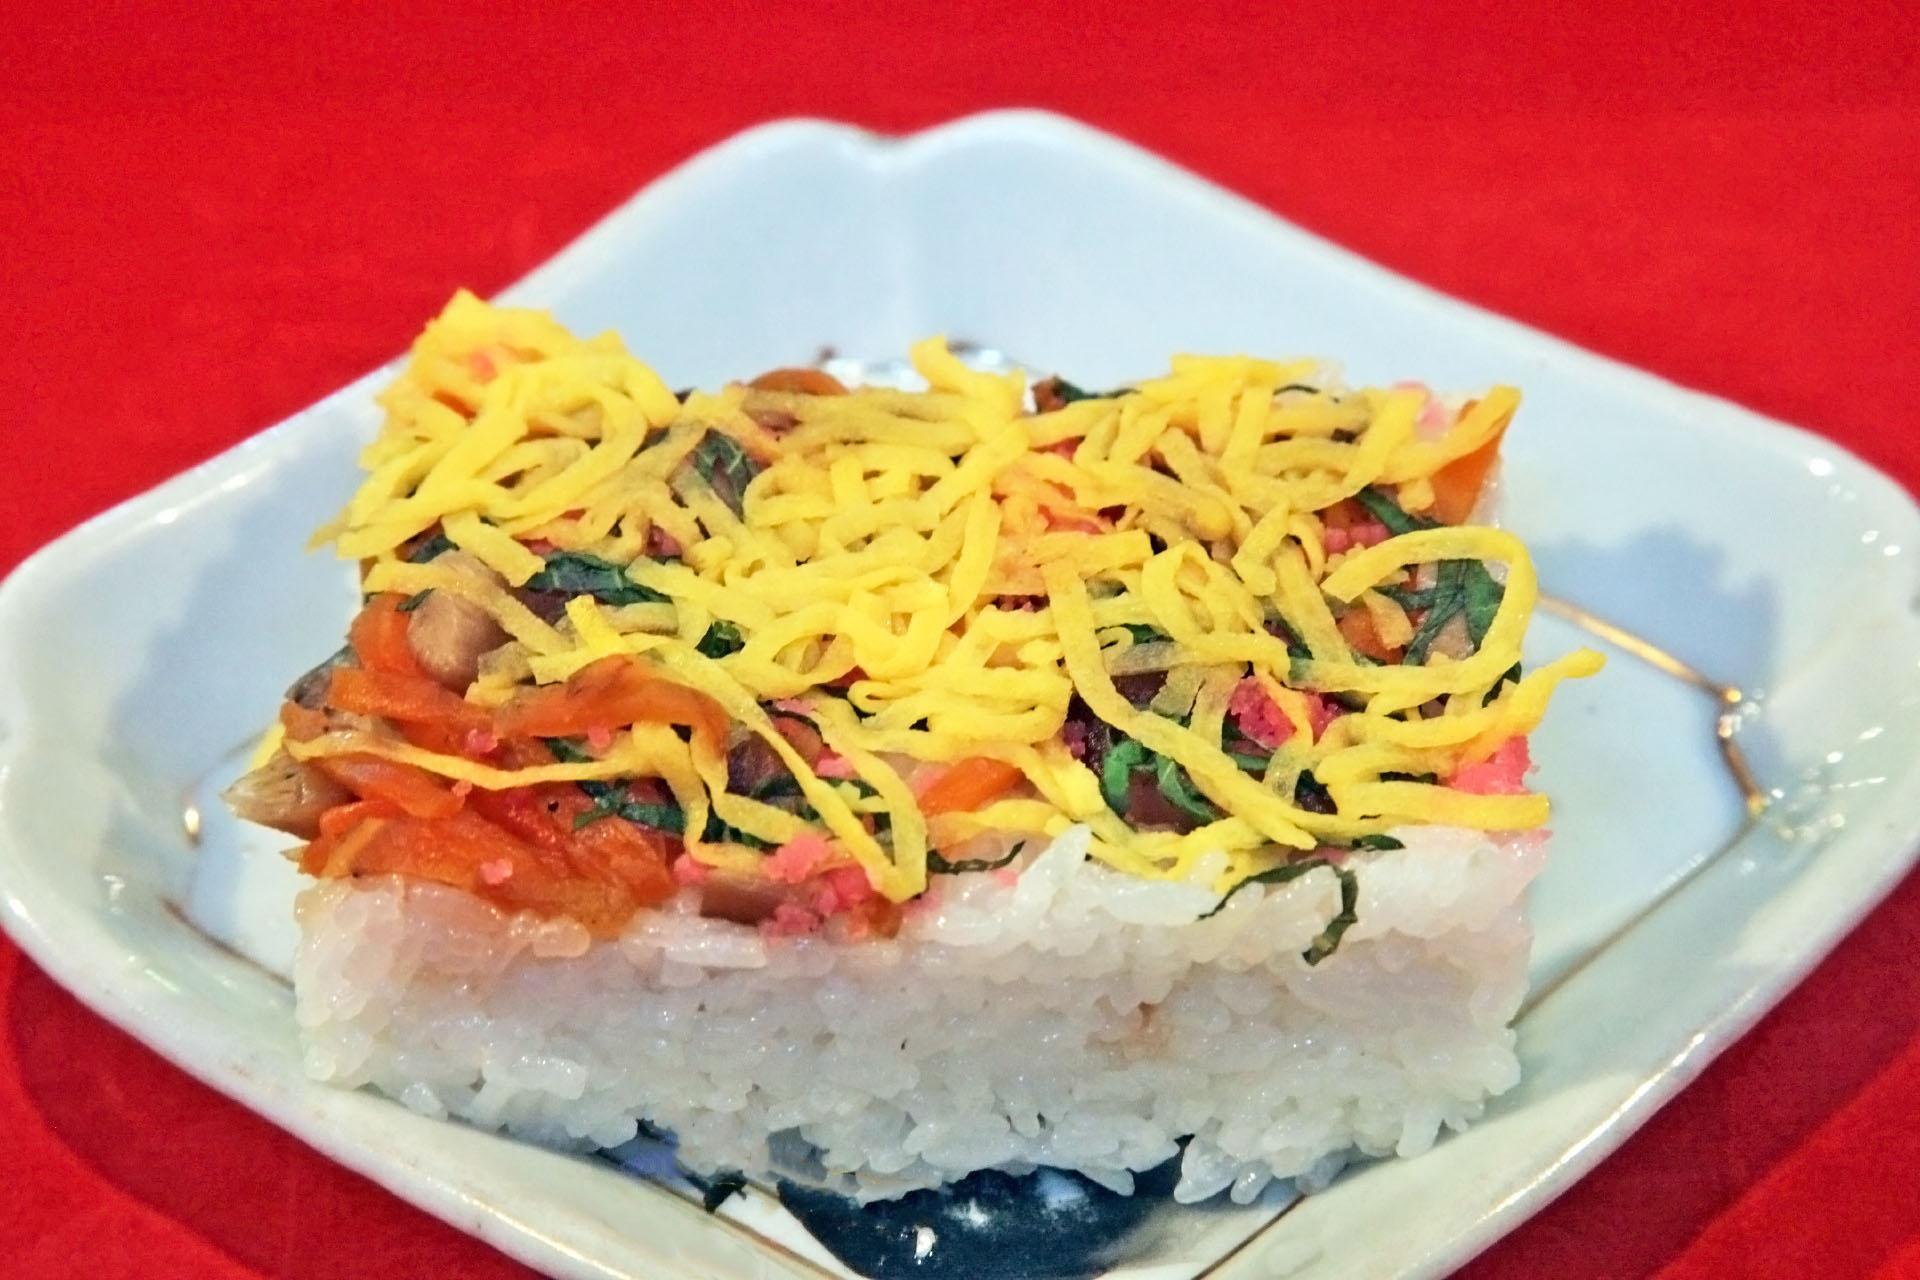 岩国の郷土料理「岩国寿司」